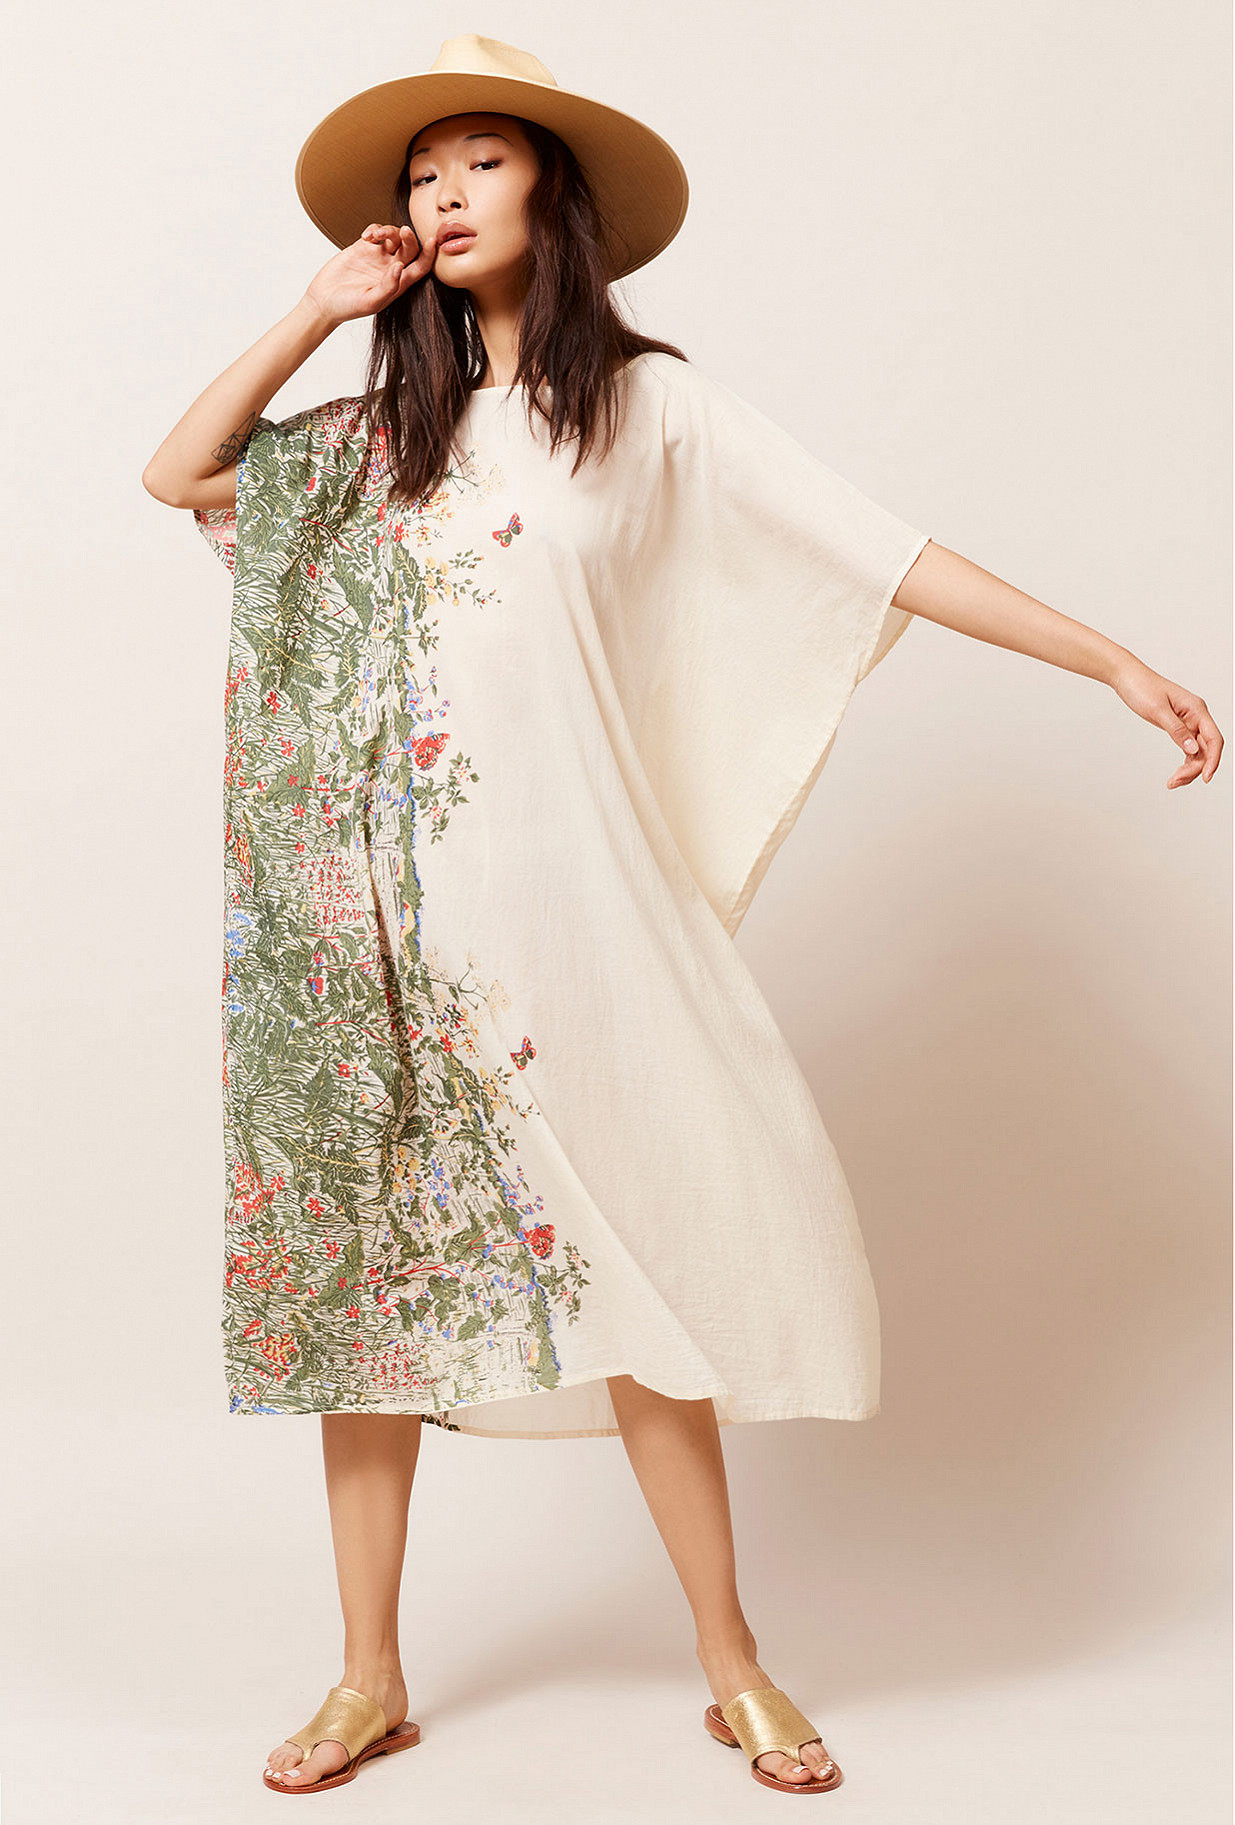 Robe Imprimé fleuri  Gwenola mes demoiselles paris vêtement femme paris